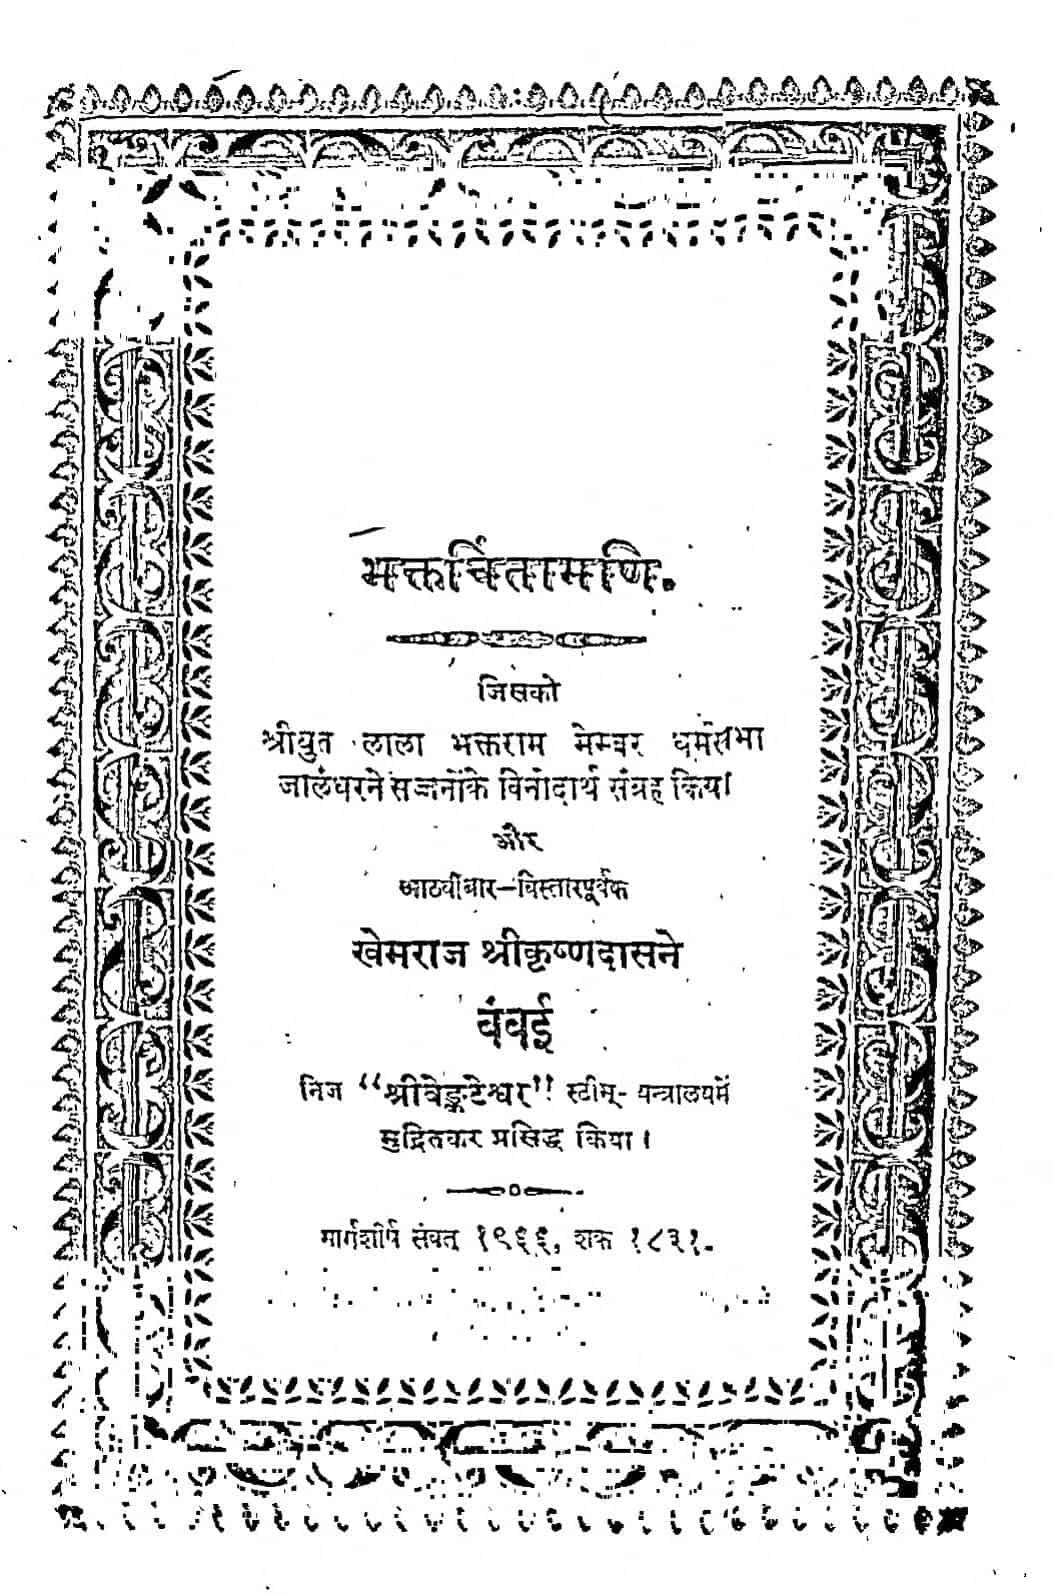 Ratnakar Tatha Bhakti Chintamani by खेमराज श्री कृष्णदास - Khemraj Shri Krishnadas